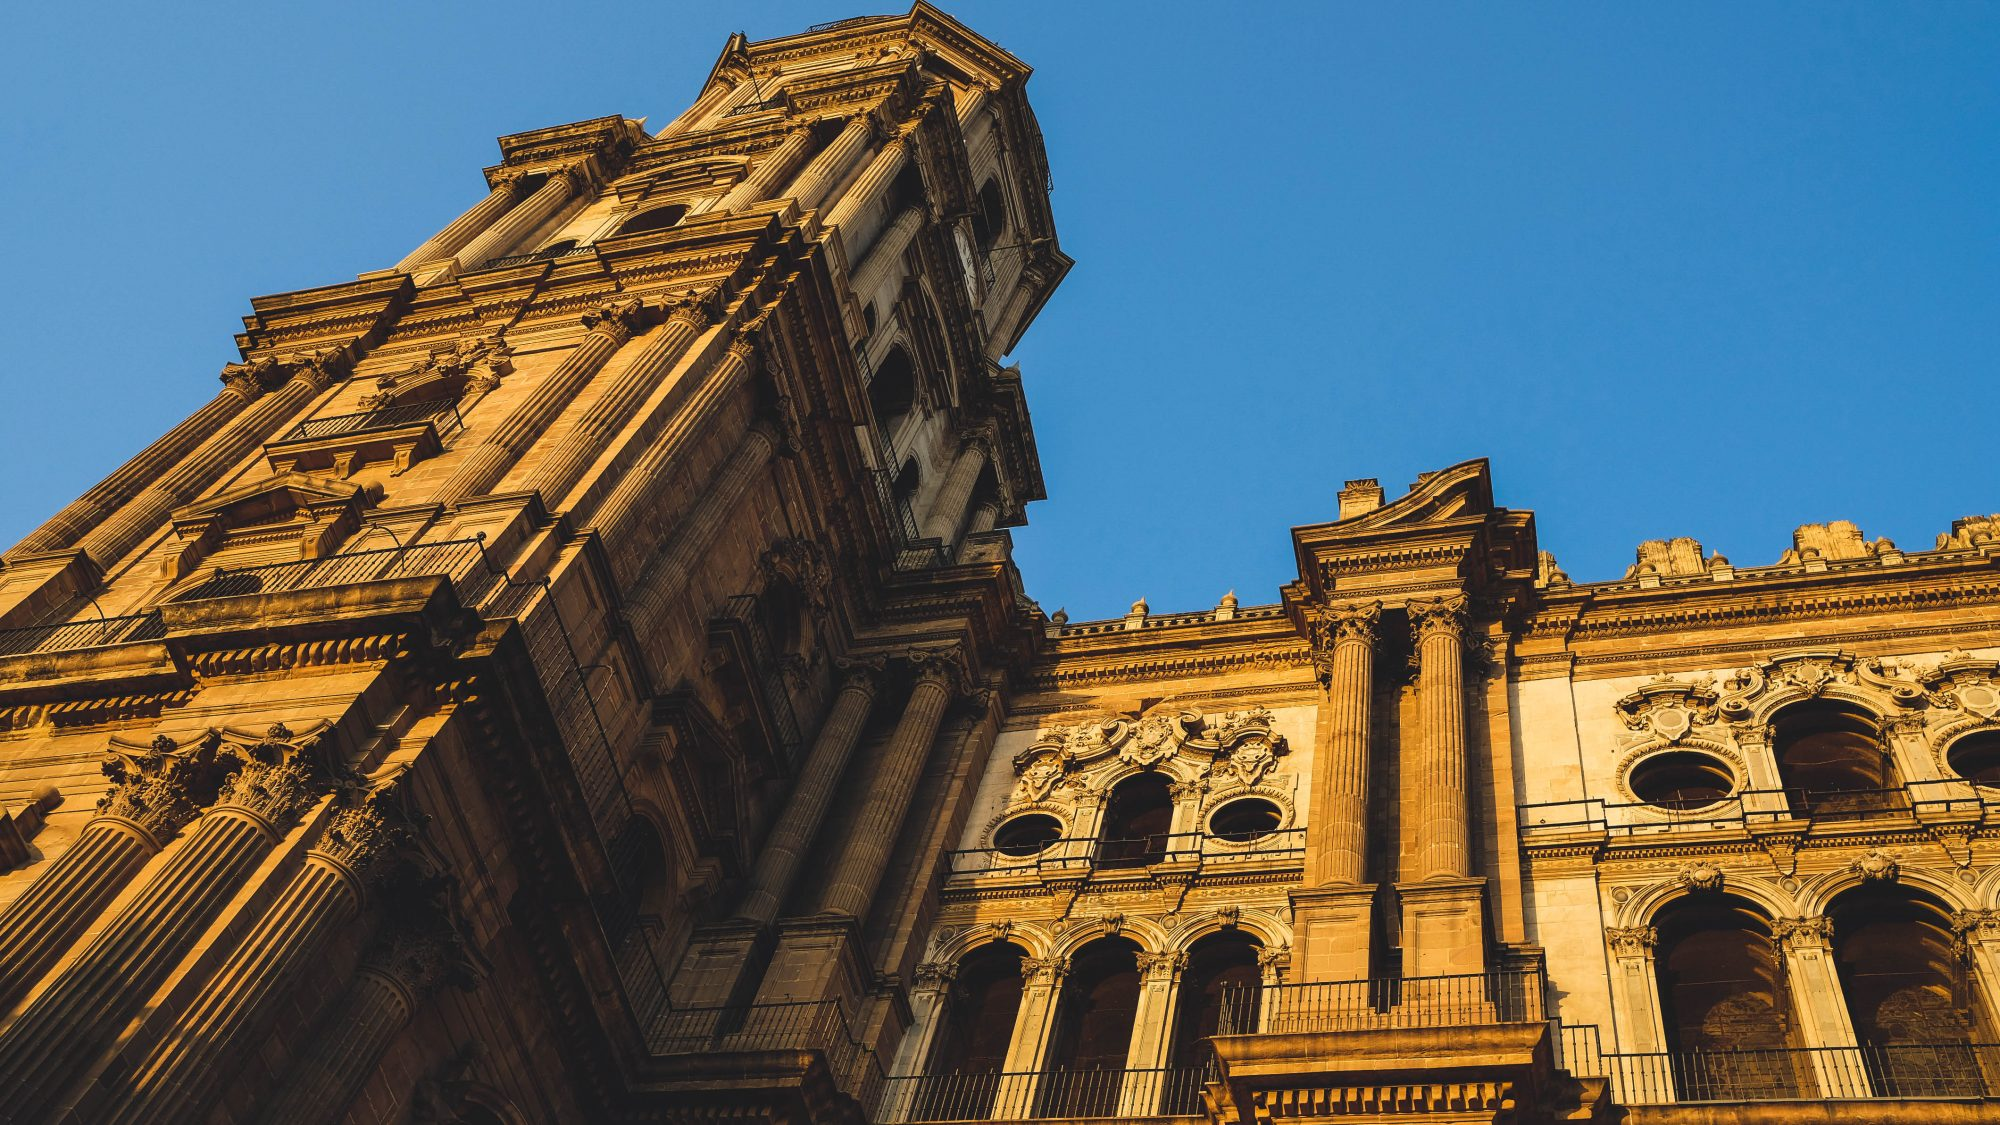 Face Ouest de la cathédrale de la réincarnation de Malaga - Malaga, Espagne